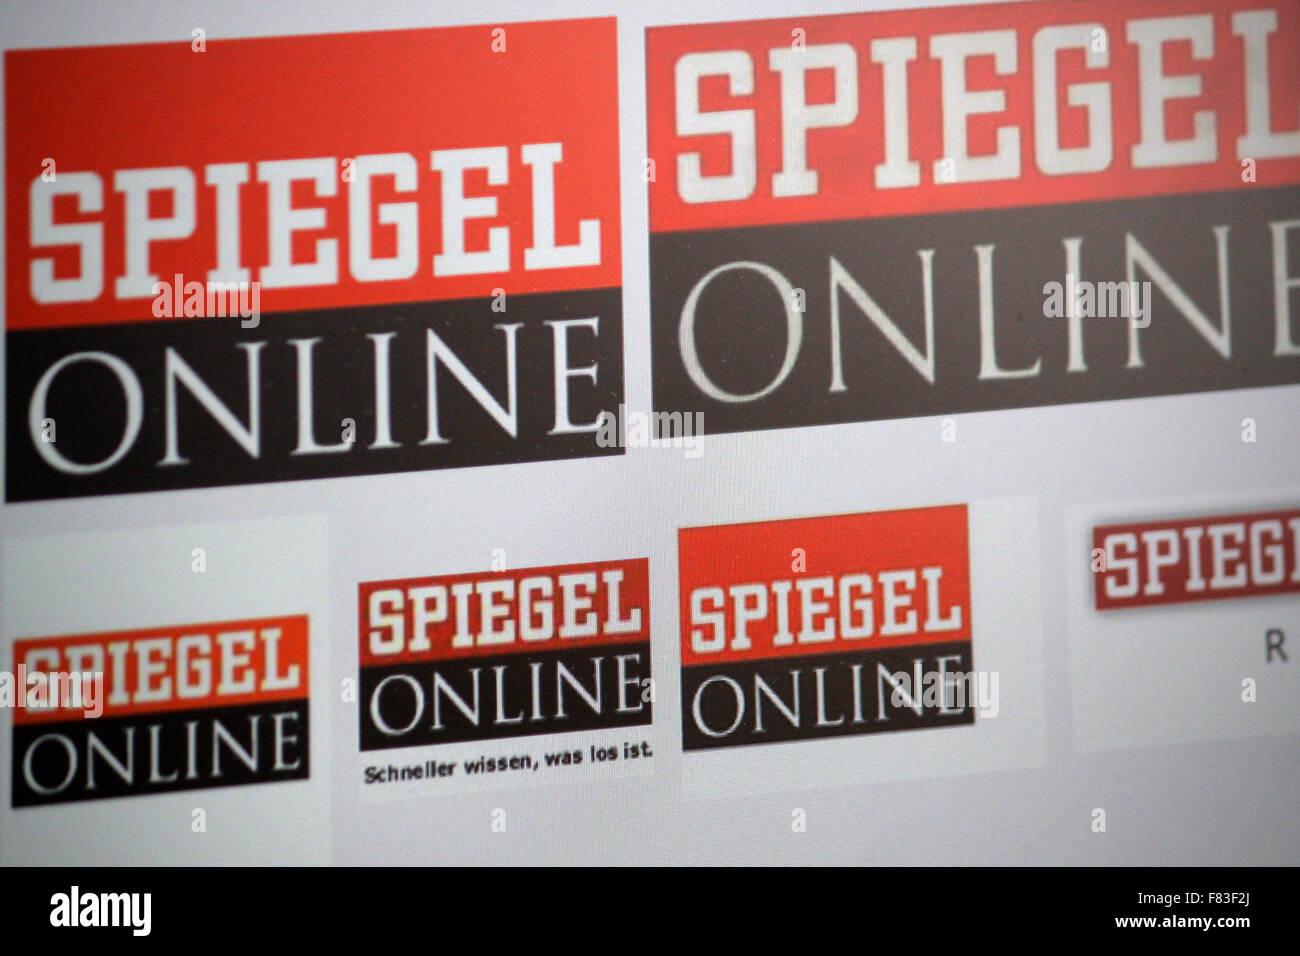 Markenname: 'Spiegel online' , de Berlín. Foto de stock